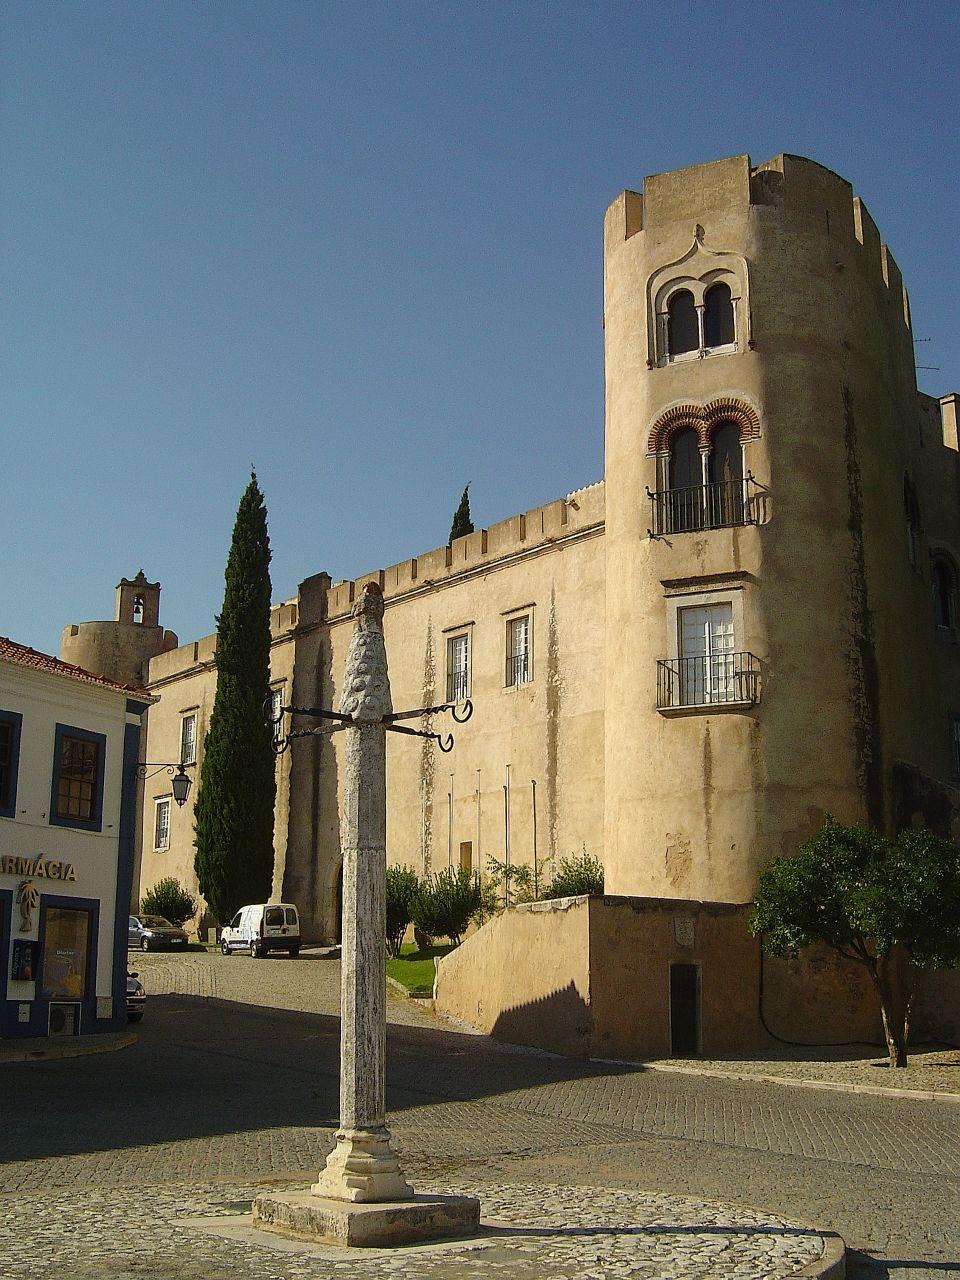 Castelul din Alvito